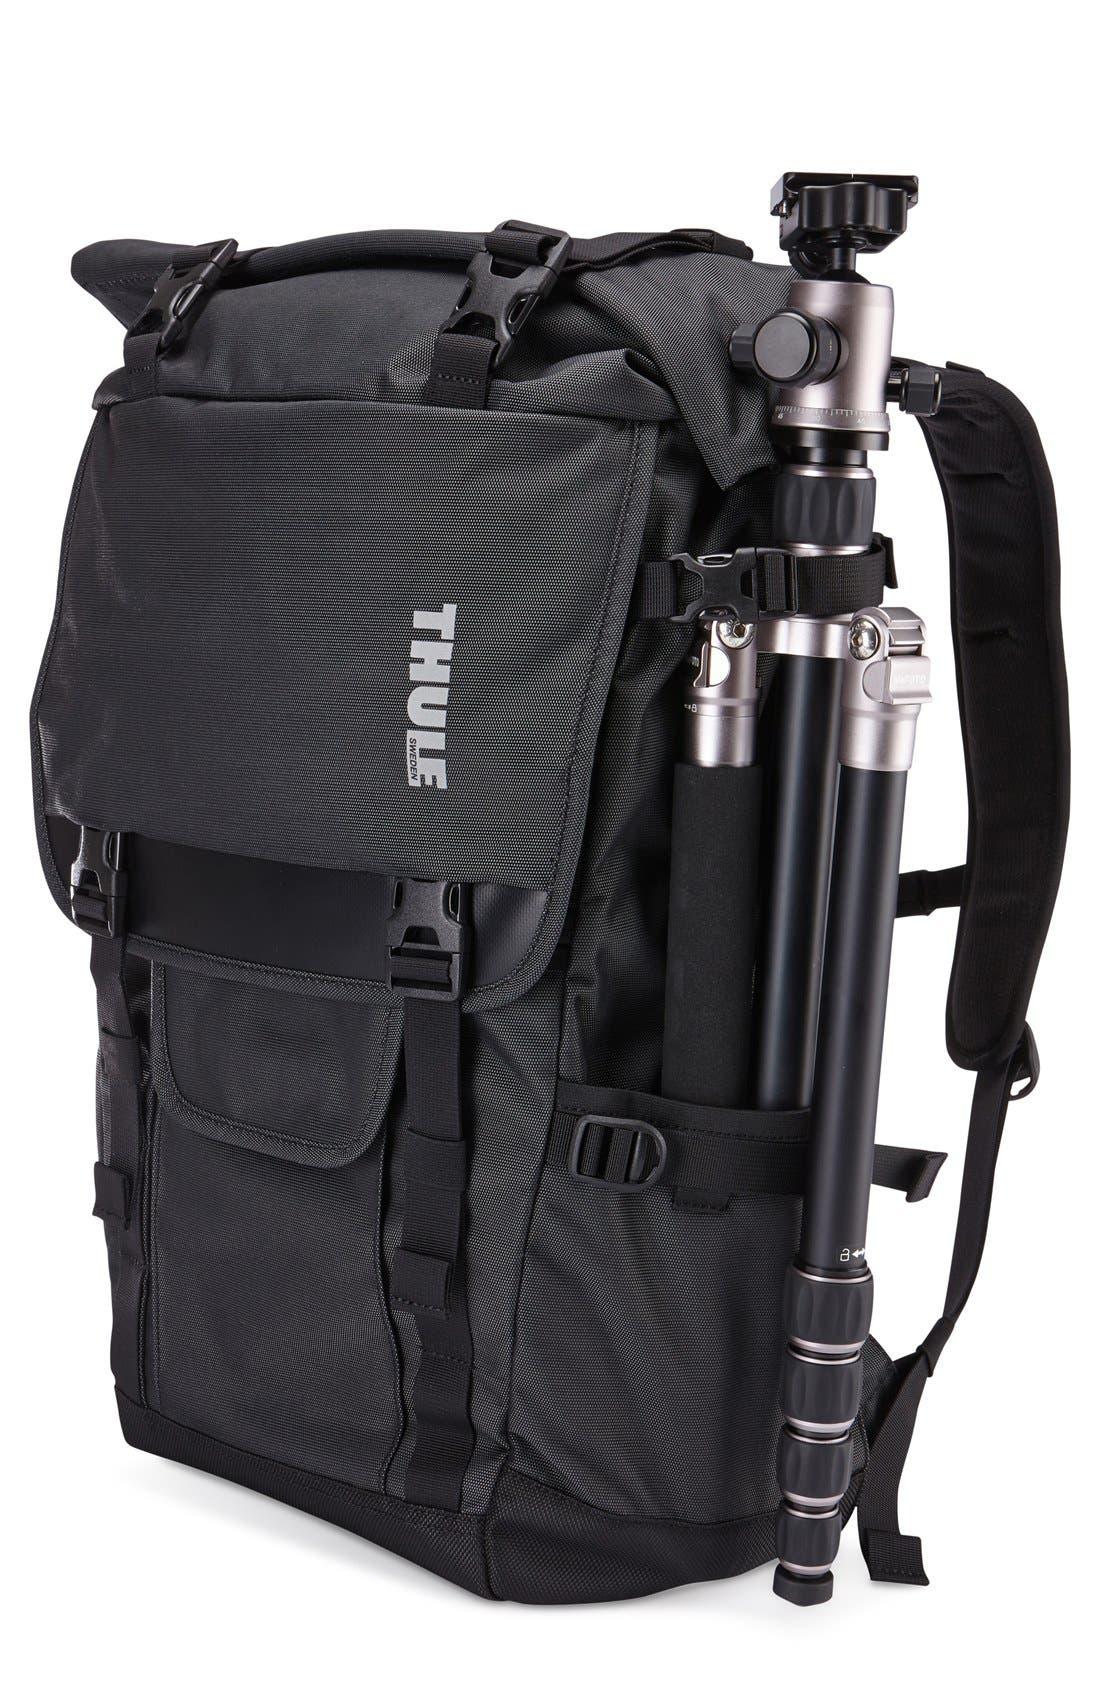 Alternate Image 1 Selected - Thule Covert DSLR Backpack